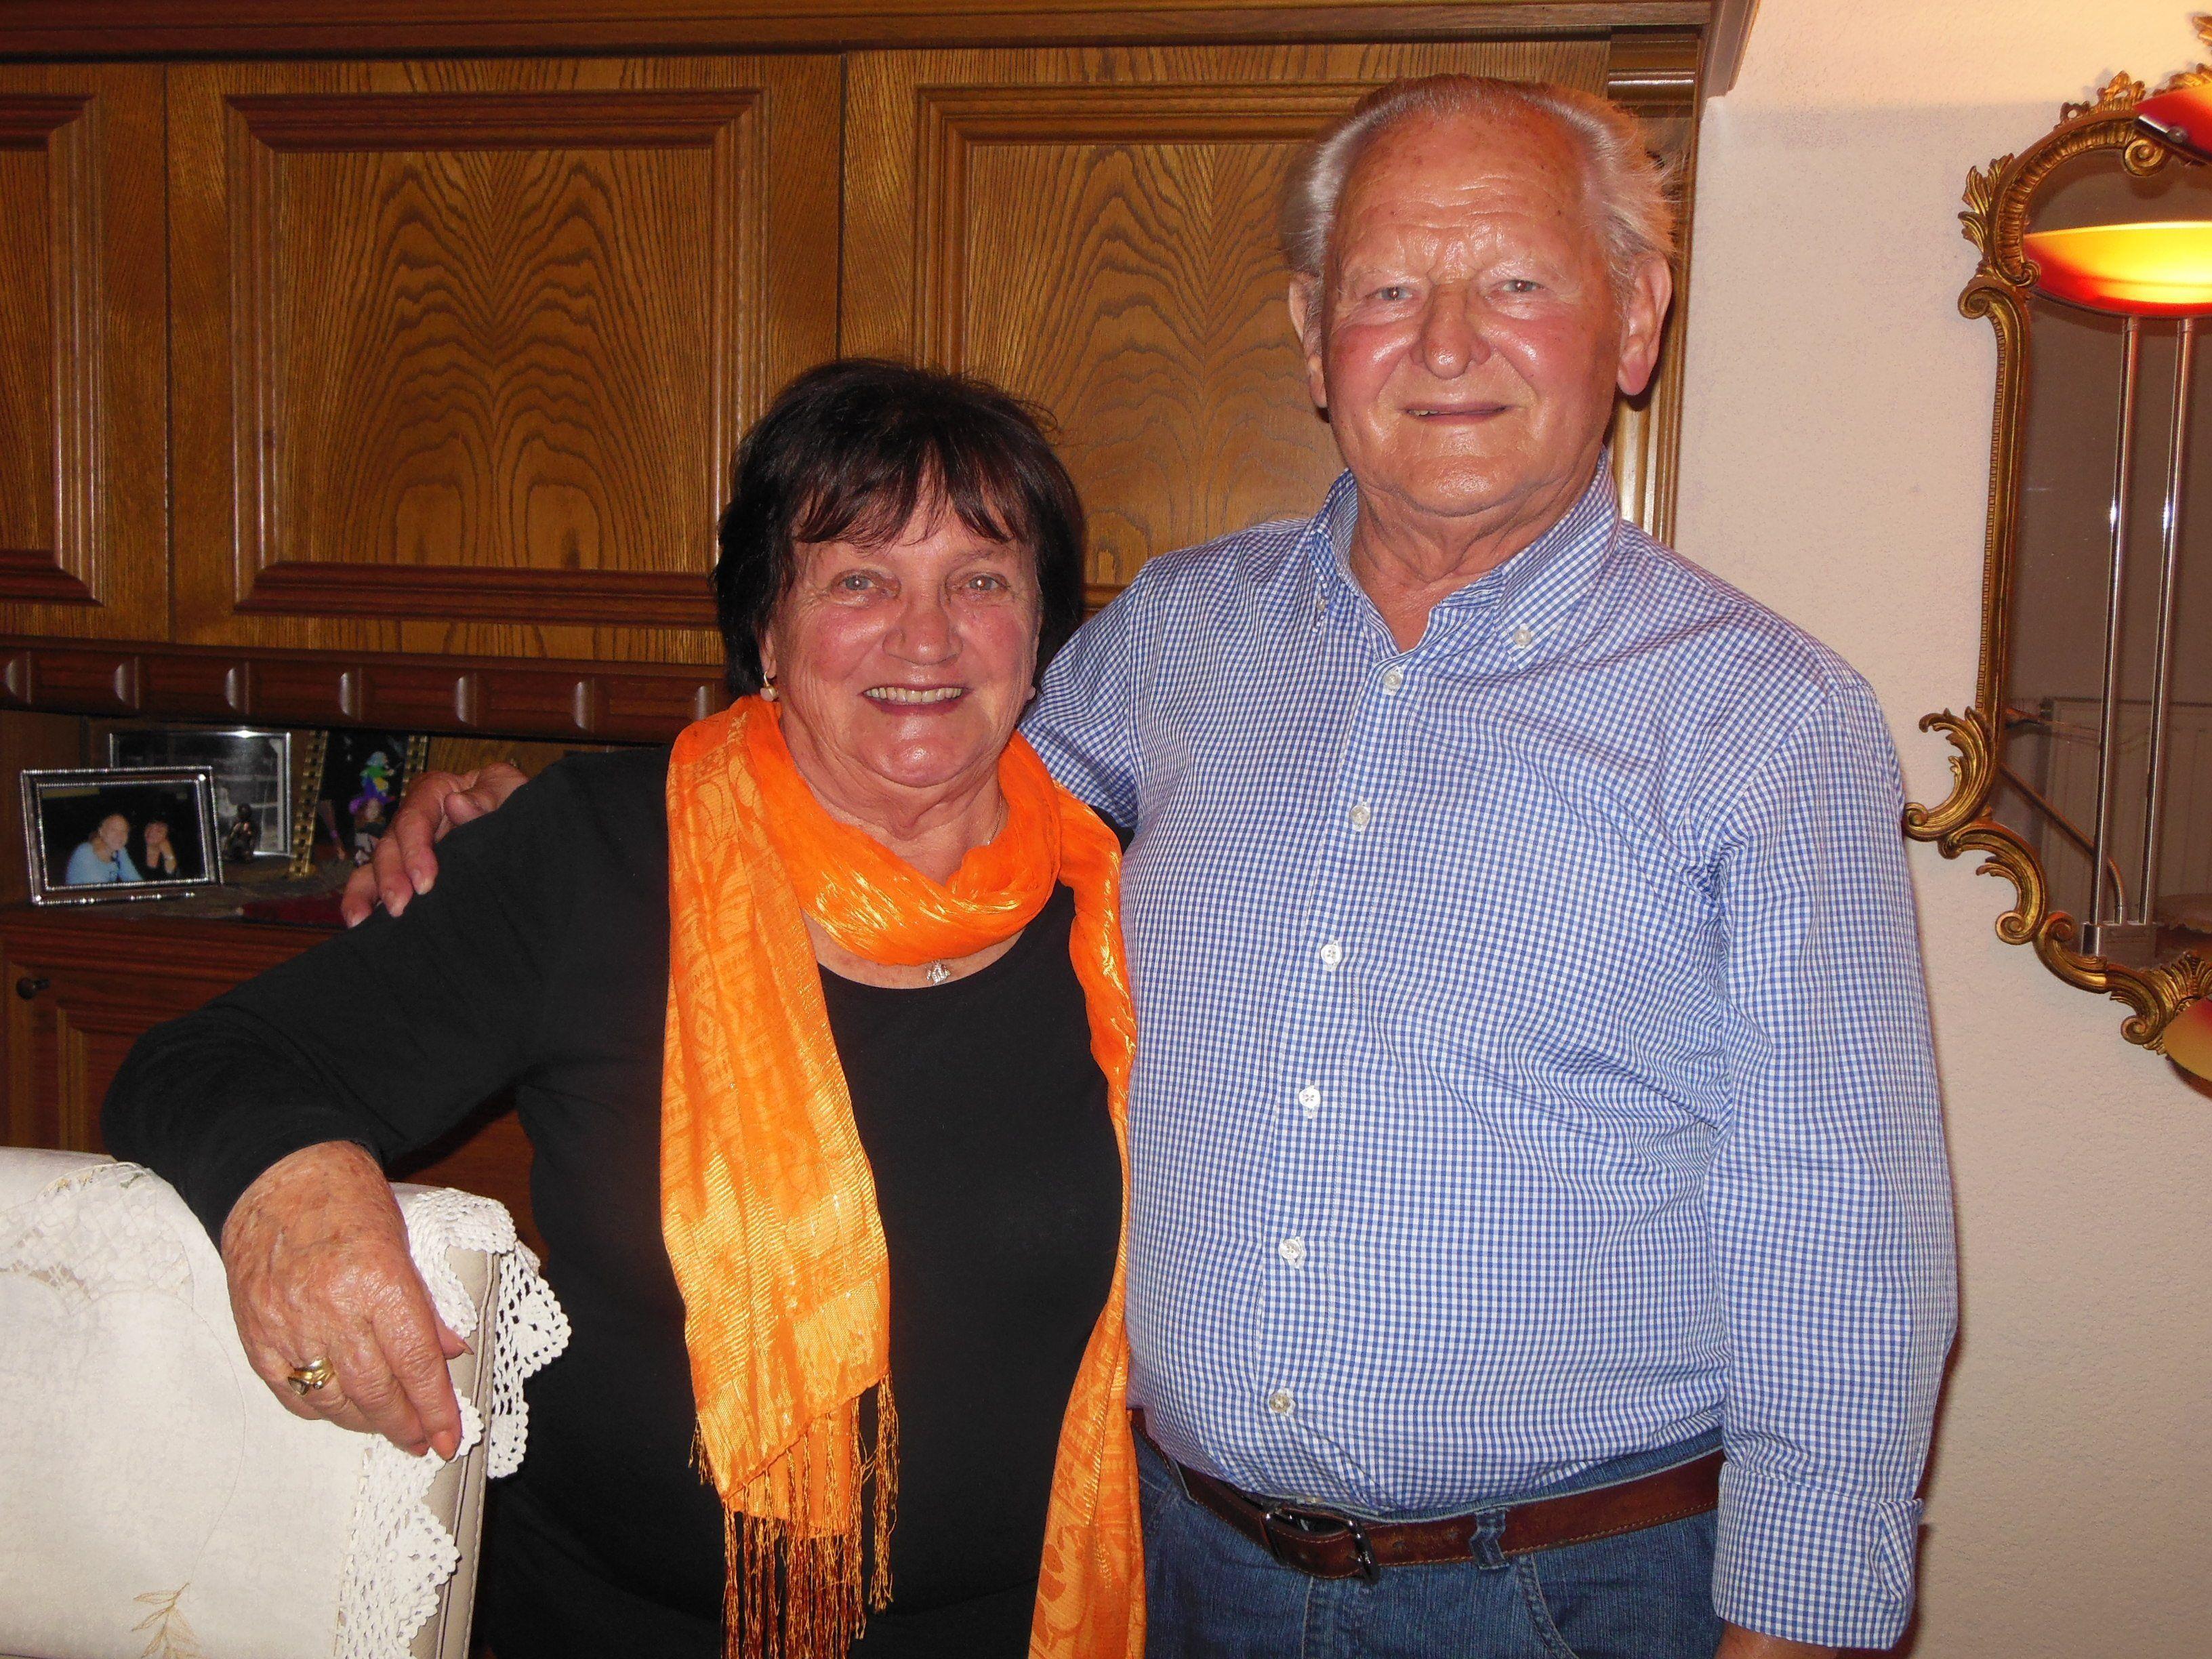 Diegute Laune des Paares ist ansteckend und ein Markenzeichen von Ortrun und Kurt Witzgall.